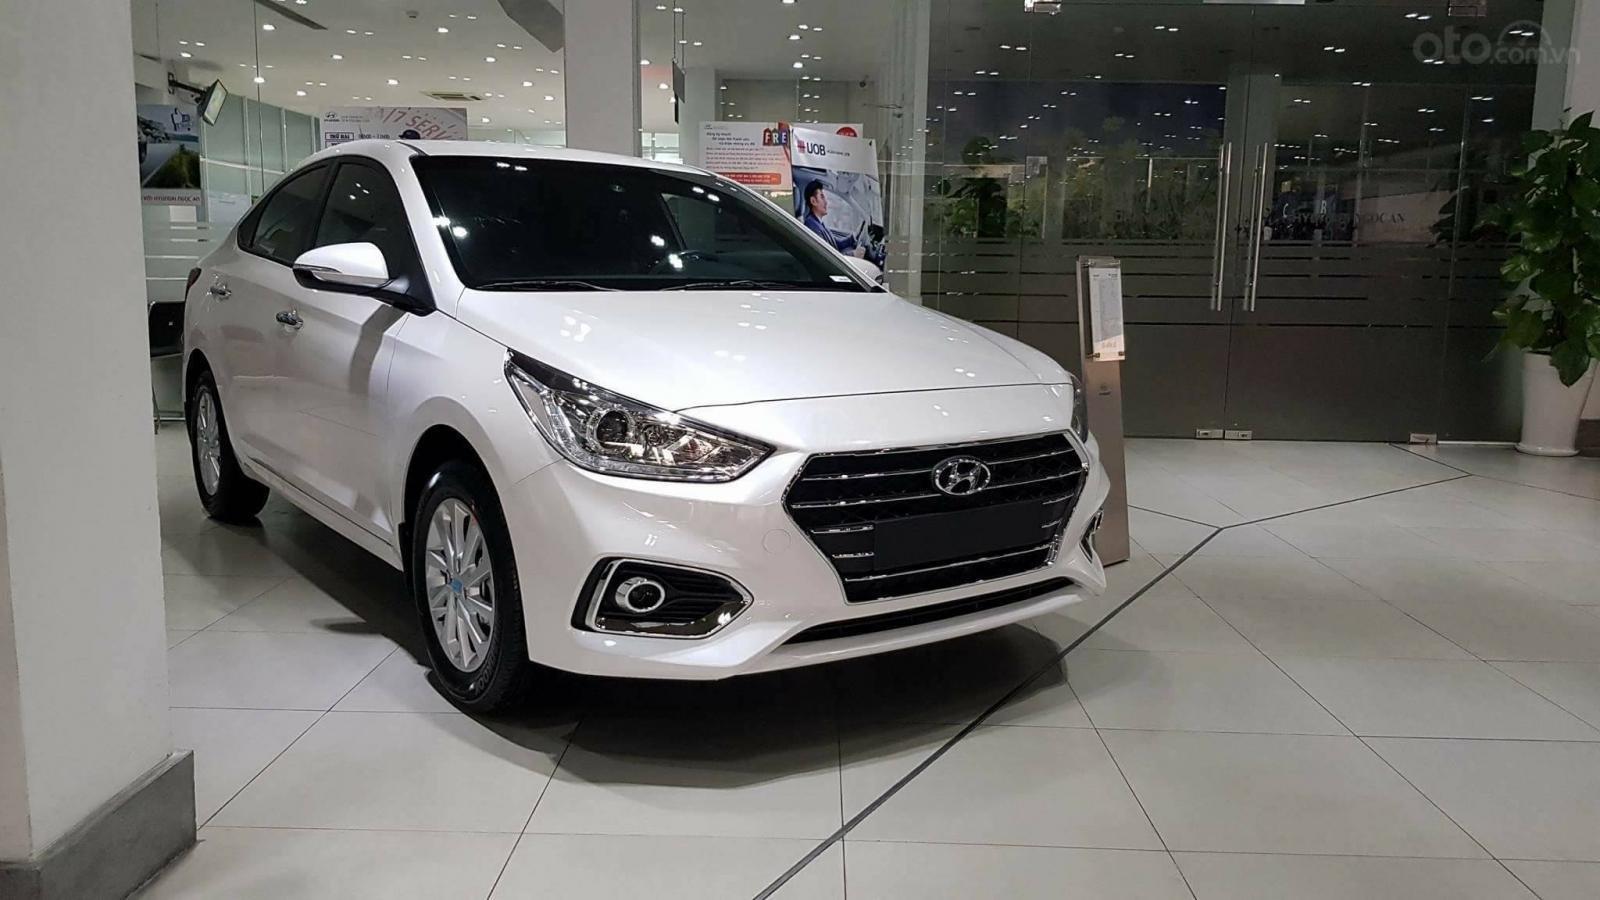 Hyundai Accent - giá ưu đãi - khuyến mãi cực nhiều- đủ màu- giao ngay - chỉ 130tr có xe - LH 0909862412-3